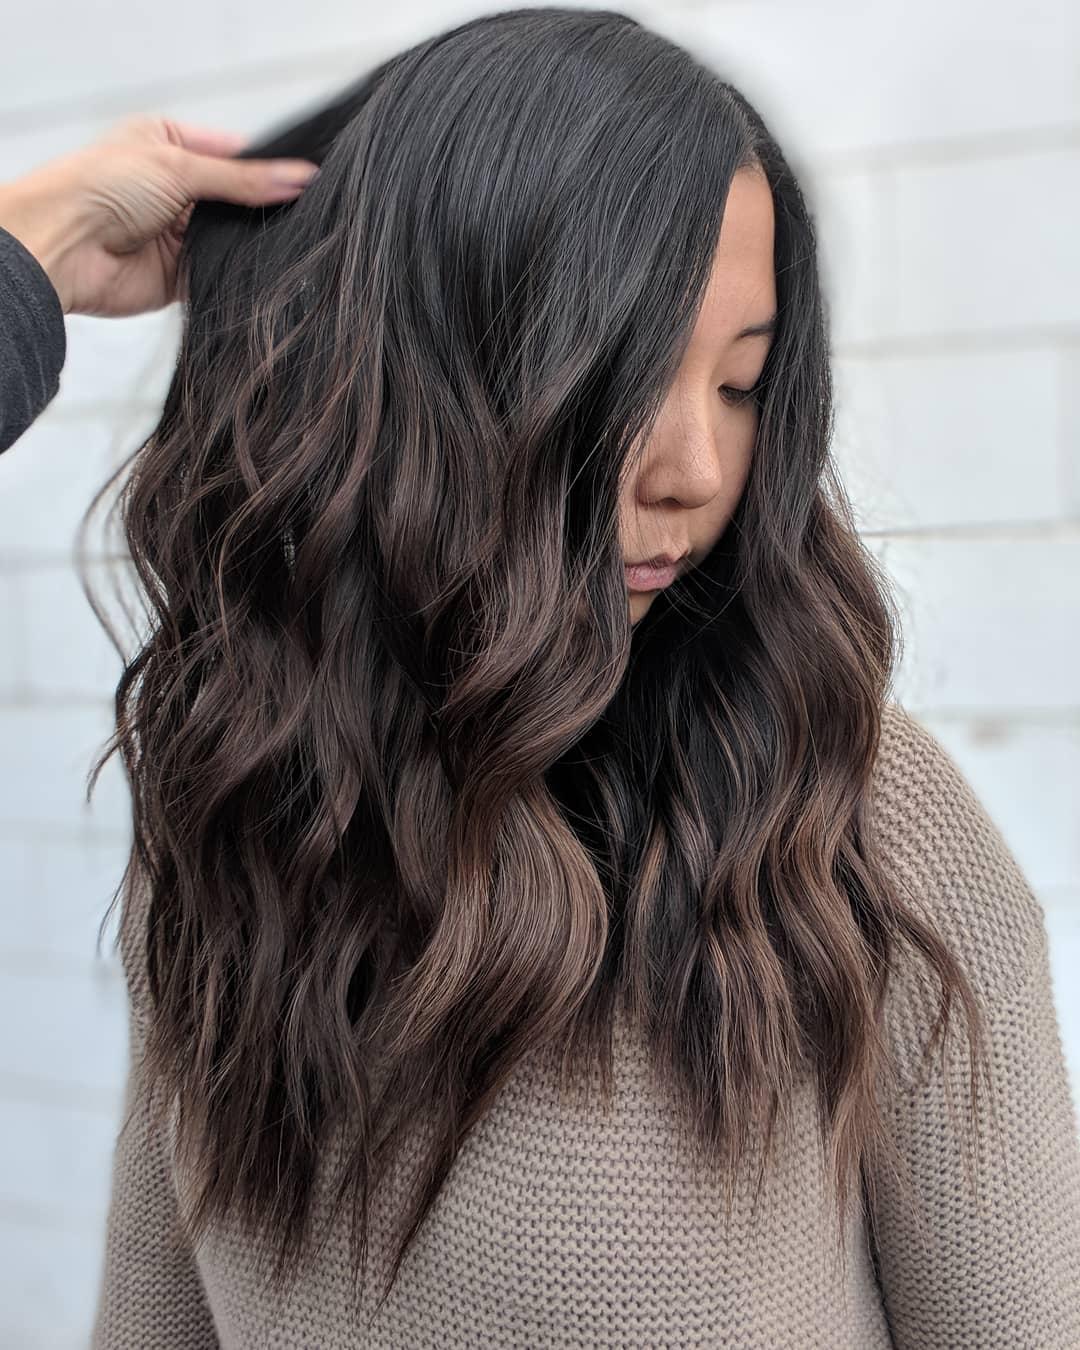 стрижки на длинные волосы 2020 фото 12